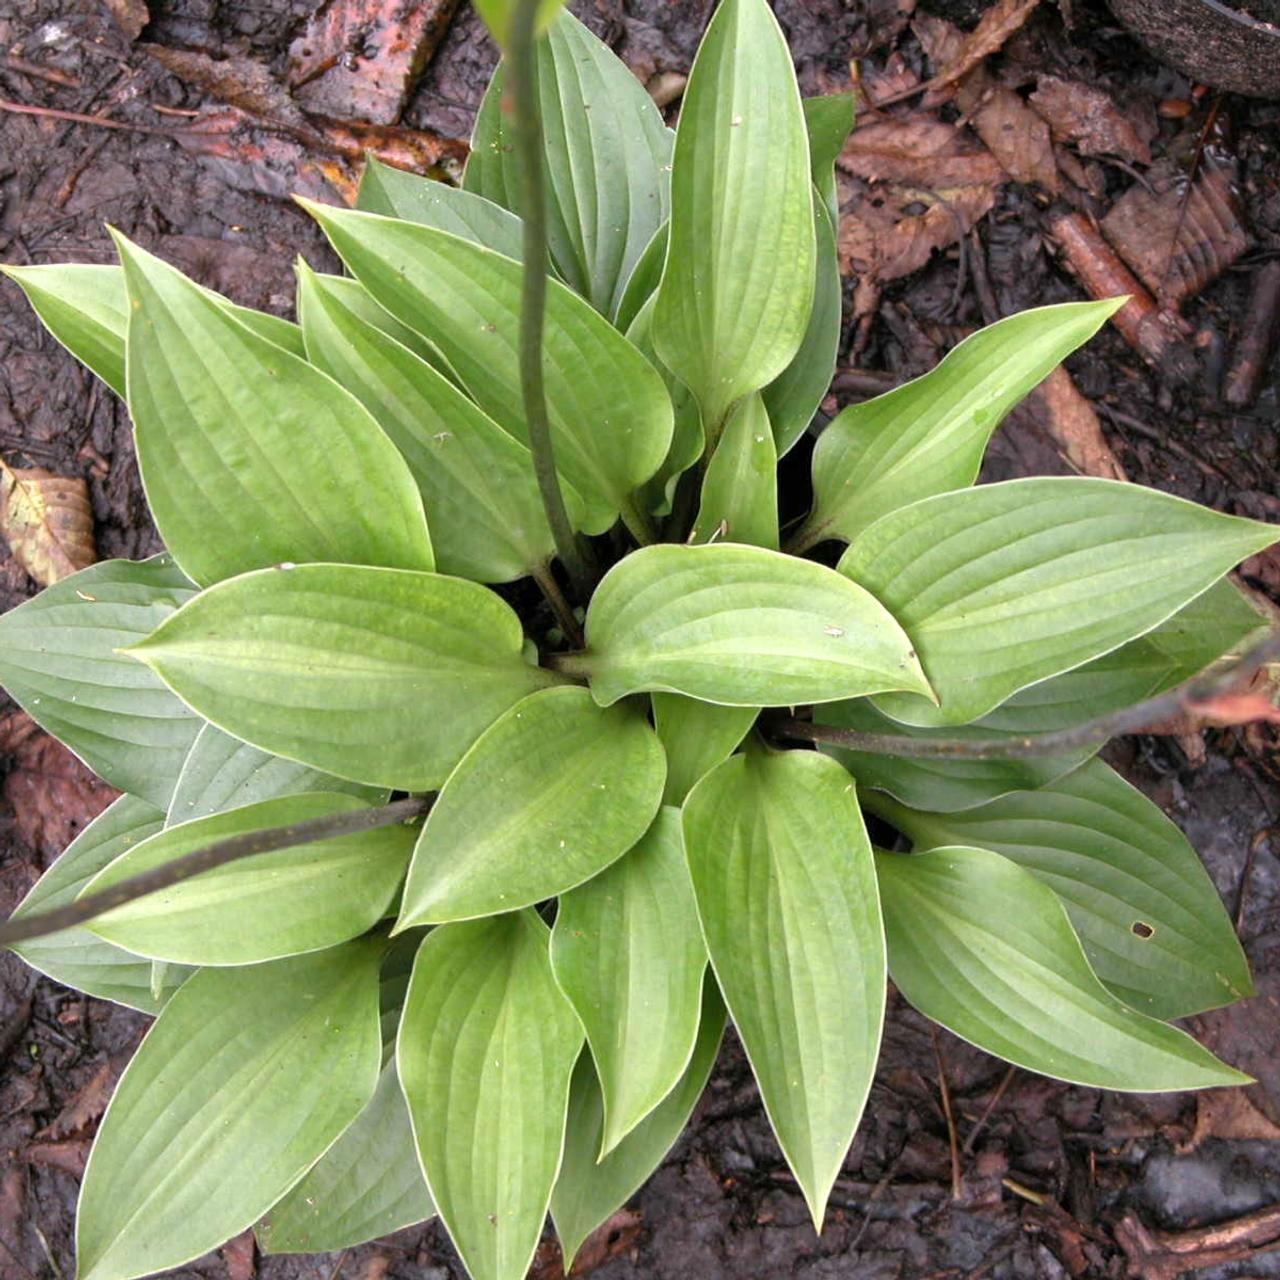 Hosta 'Red Cadet' plant